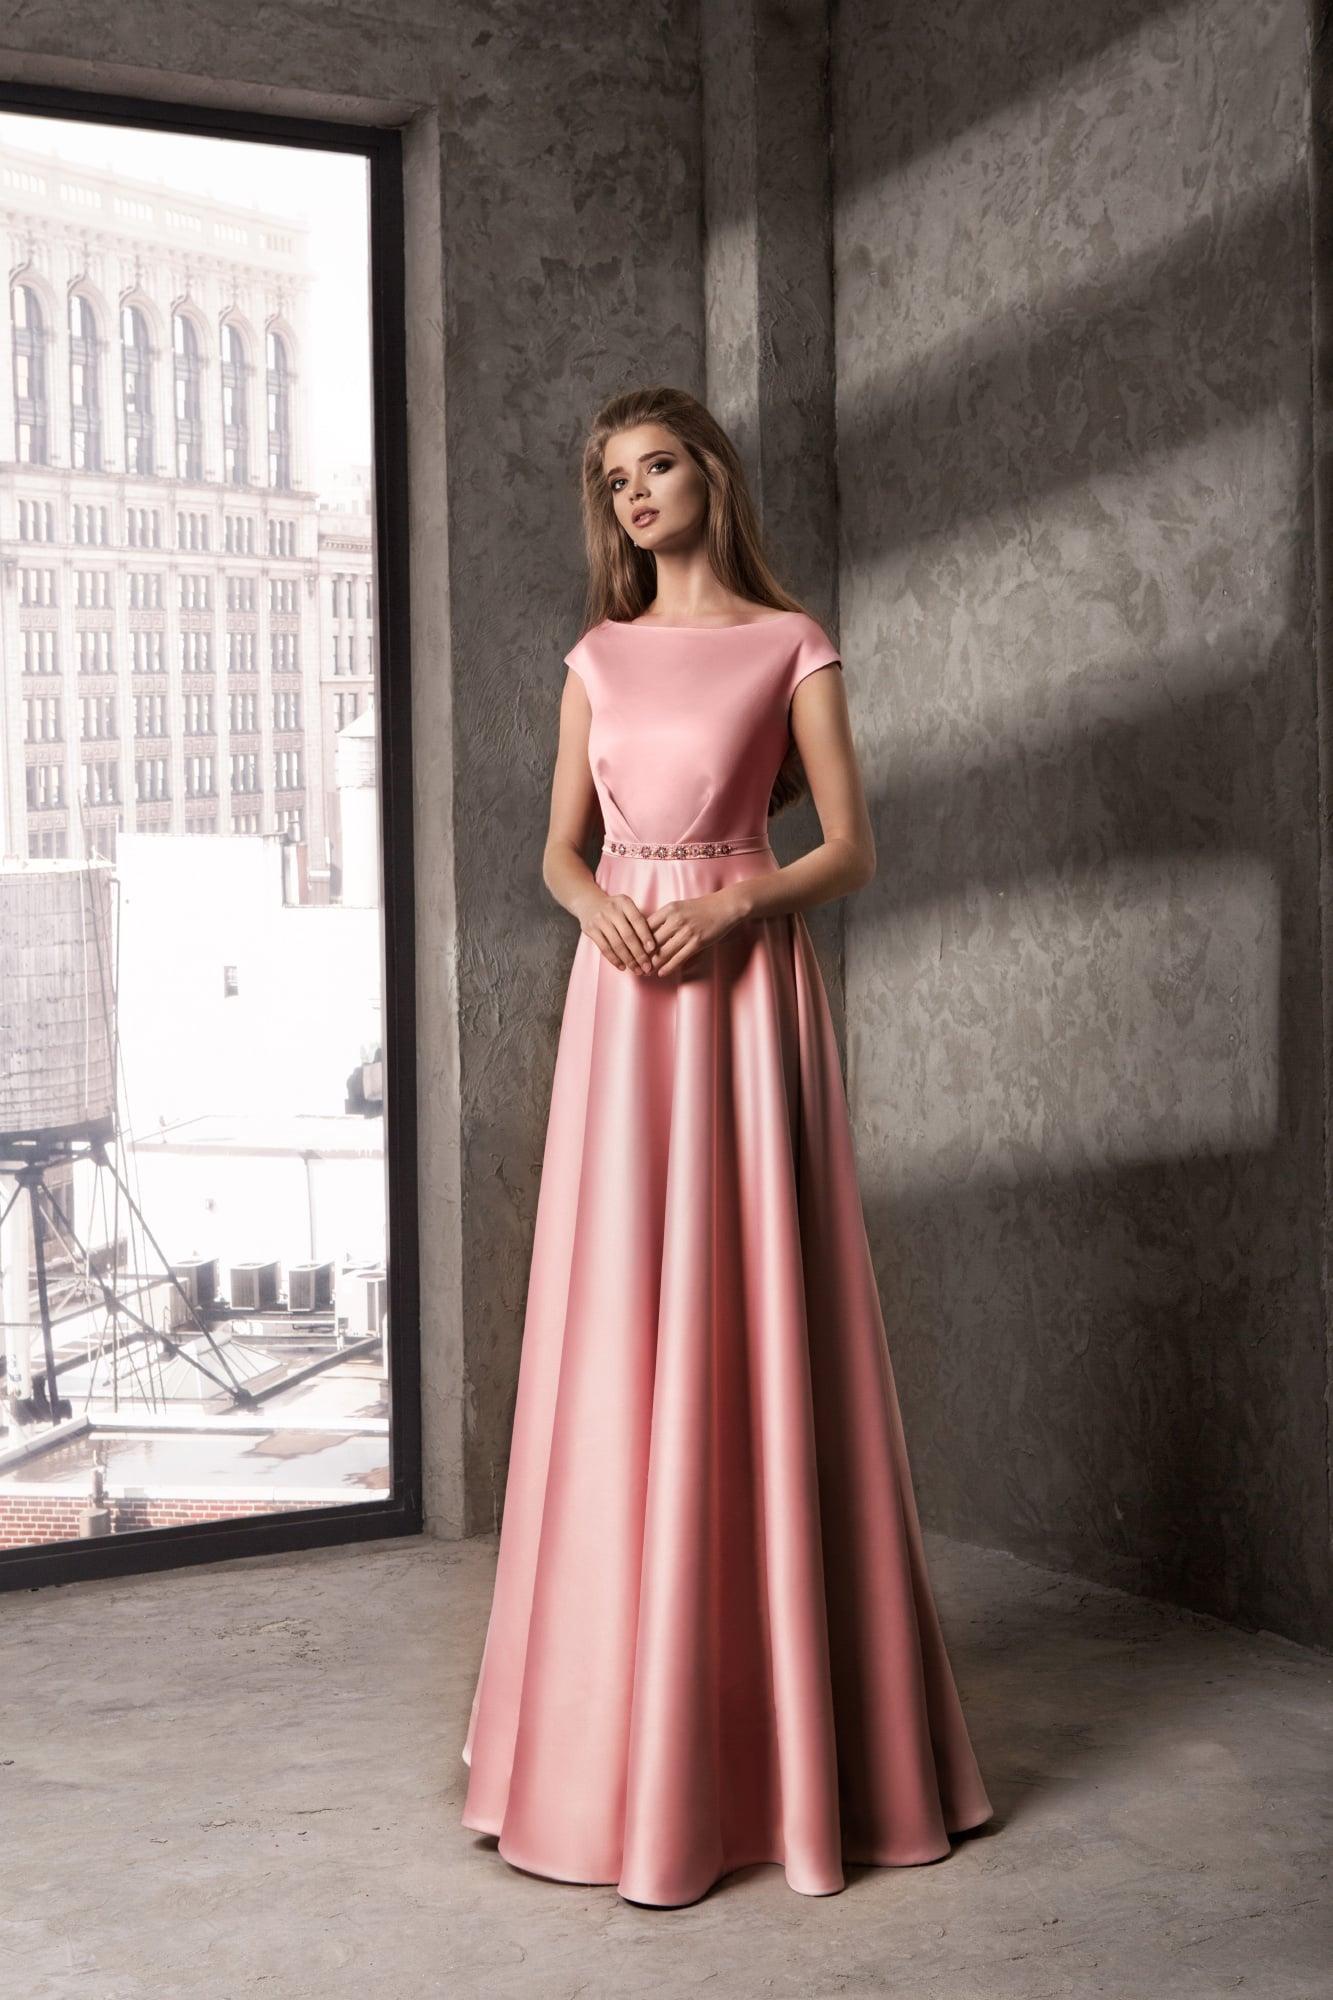 Закрытое вечернее платье прямого кроя из глянцевого розового атласа